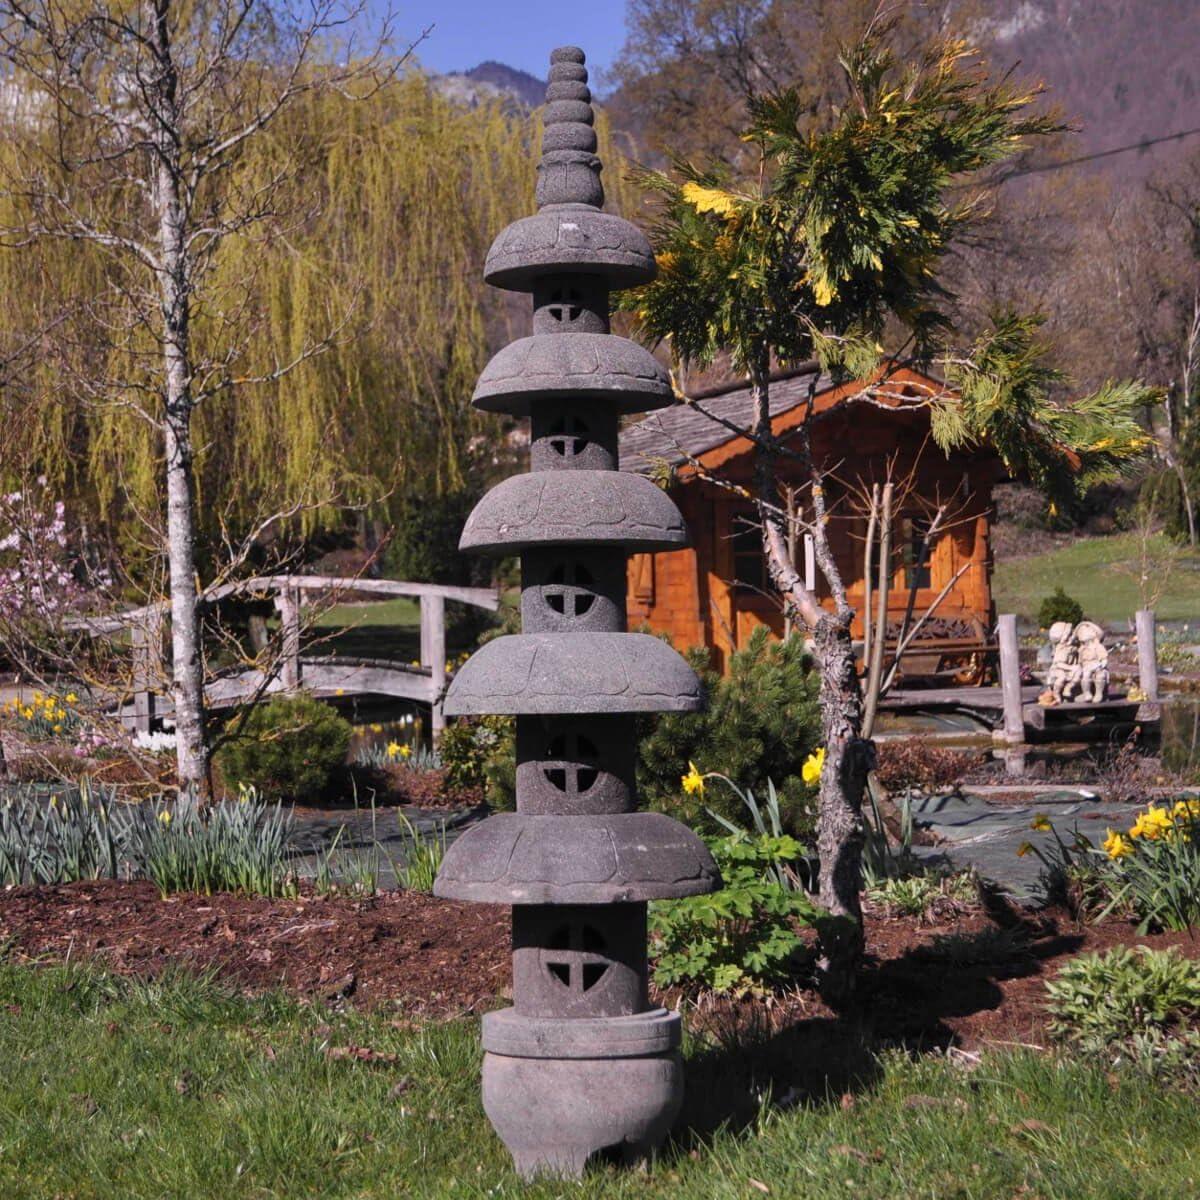 Wanda collection Linterna Japonesa Pagoda Zen de Piedra de Lava 1,50 m: Amazon.es: Jardín